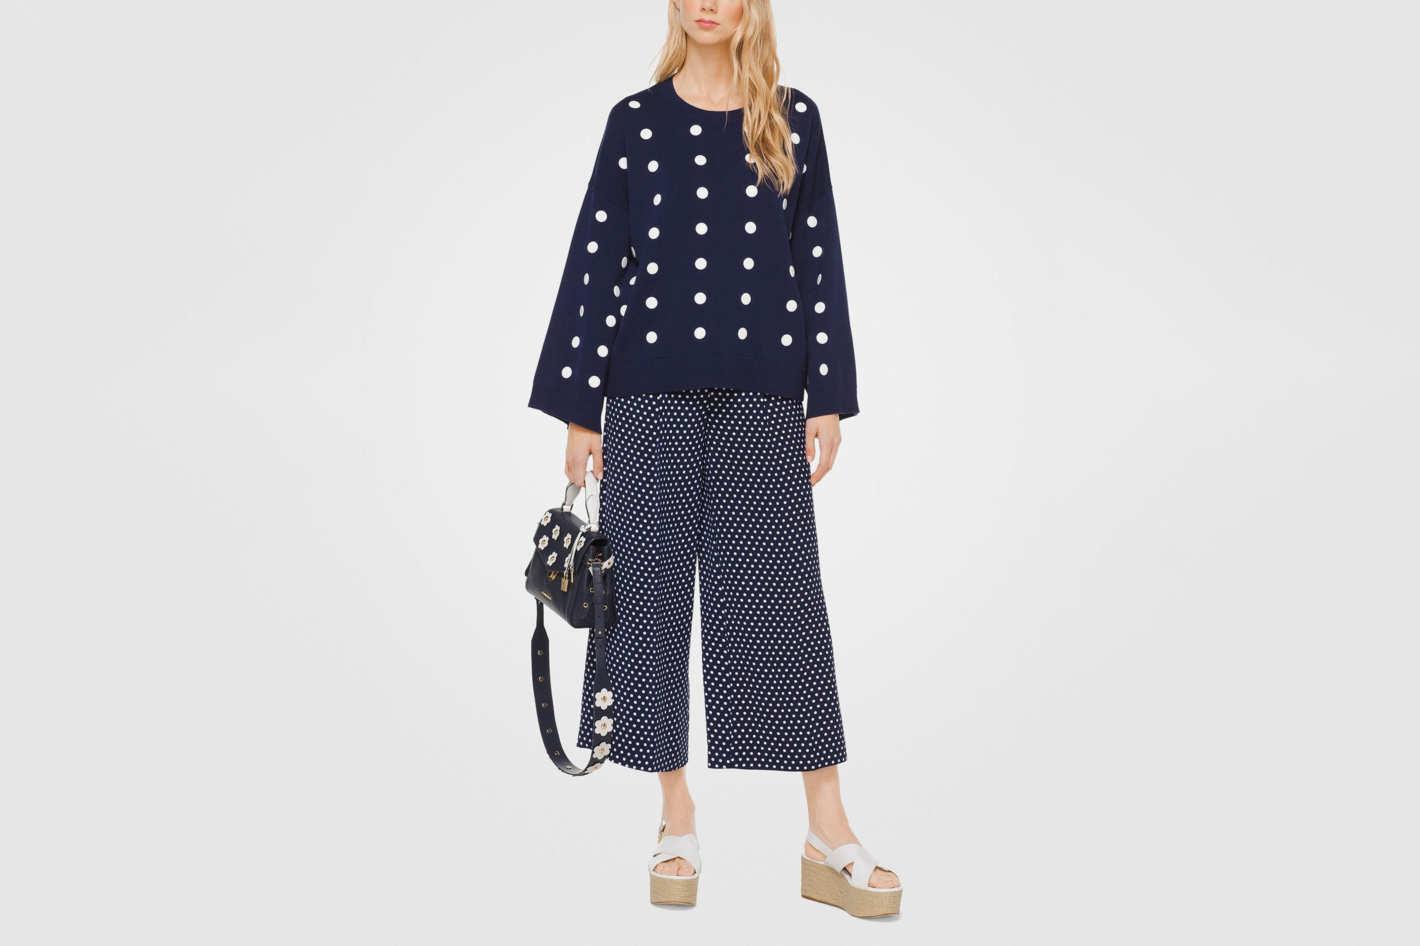 Michael Kors Polka Dot Cotton Oversized Pullover